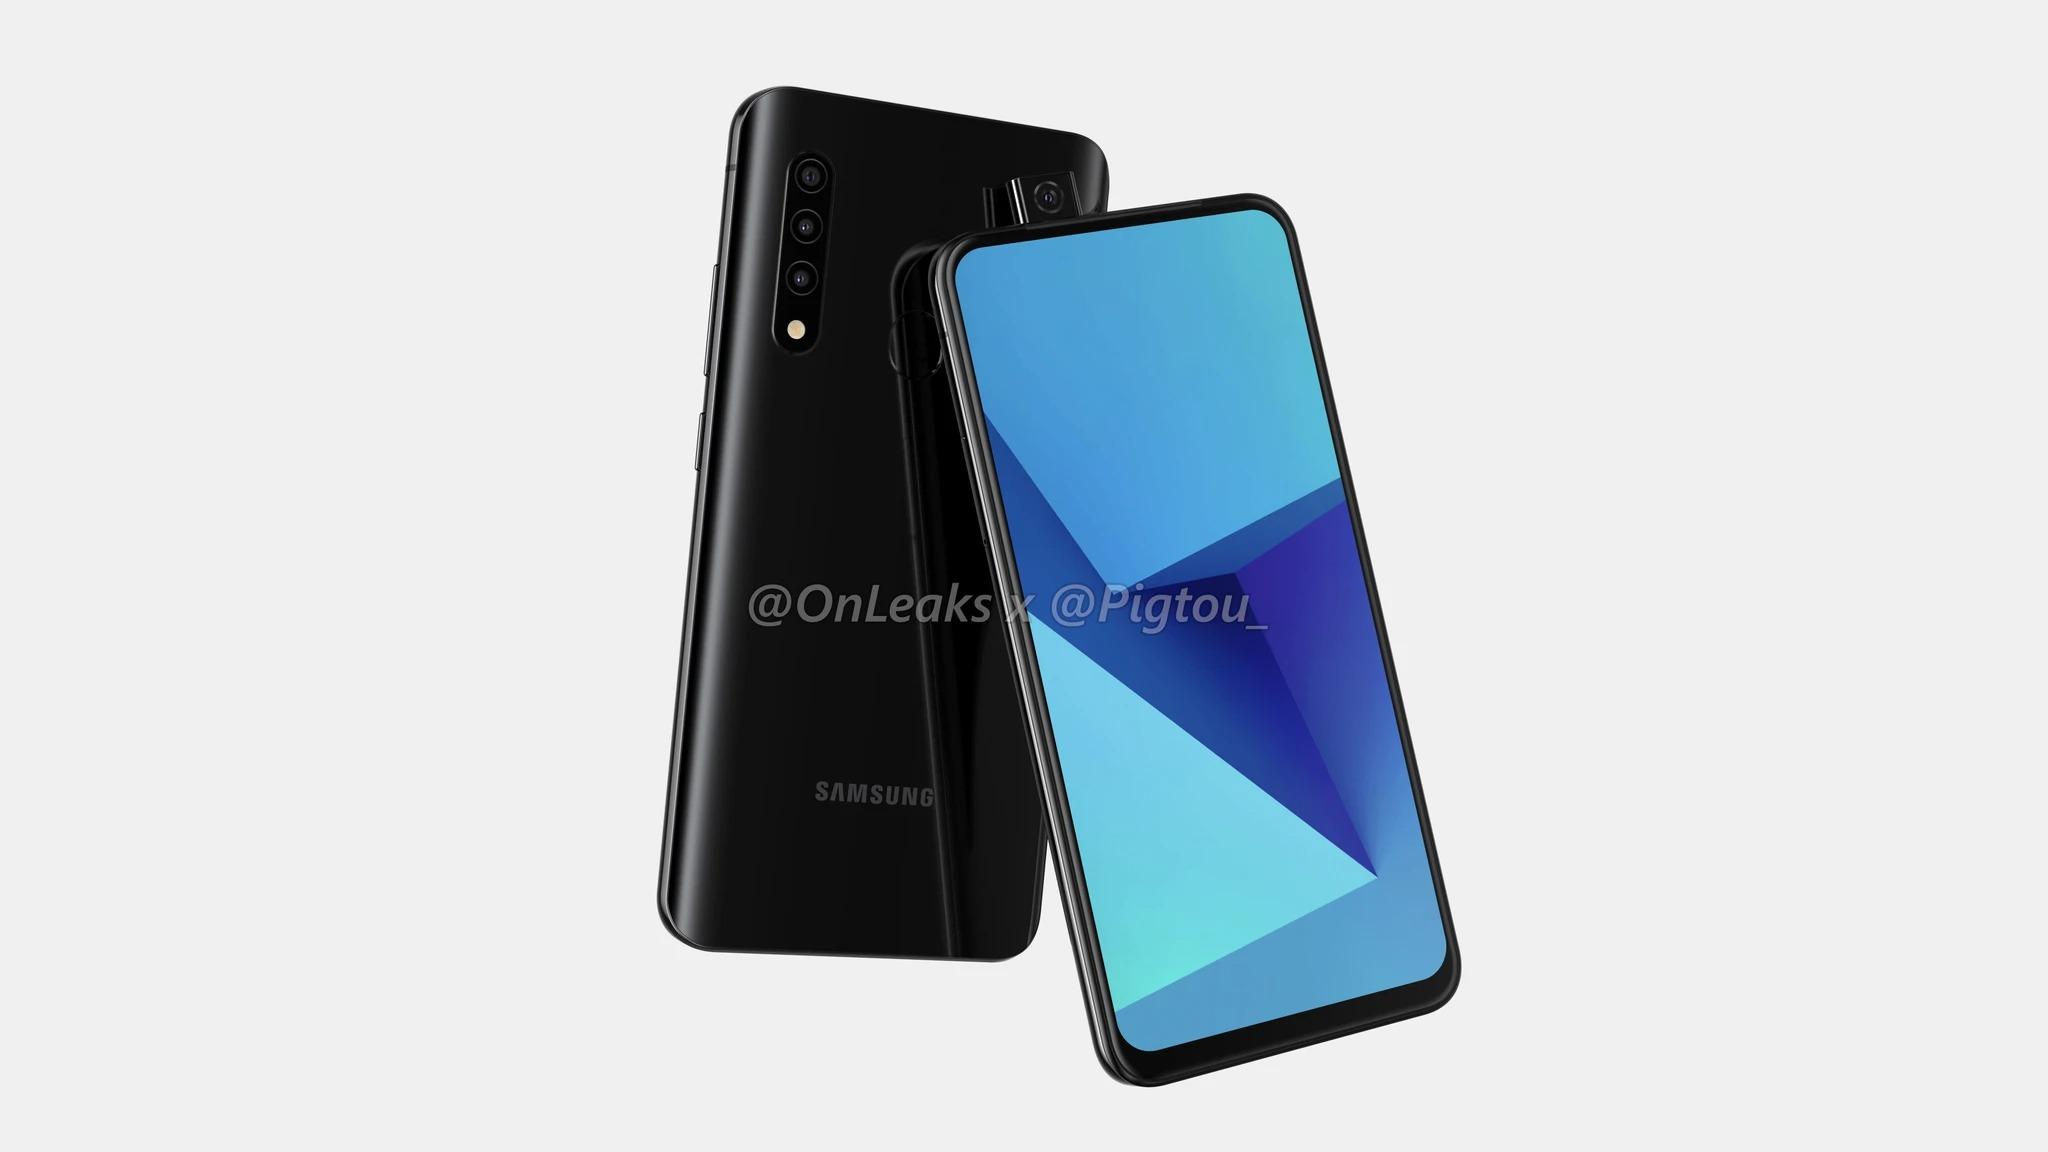 Présentation de MIUI 12, livraisons Amazon France toujours suspendues et caméra pop-up chez Samsung – Tech'spresso